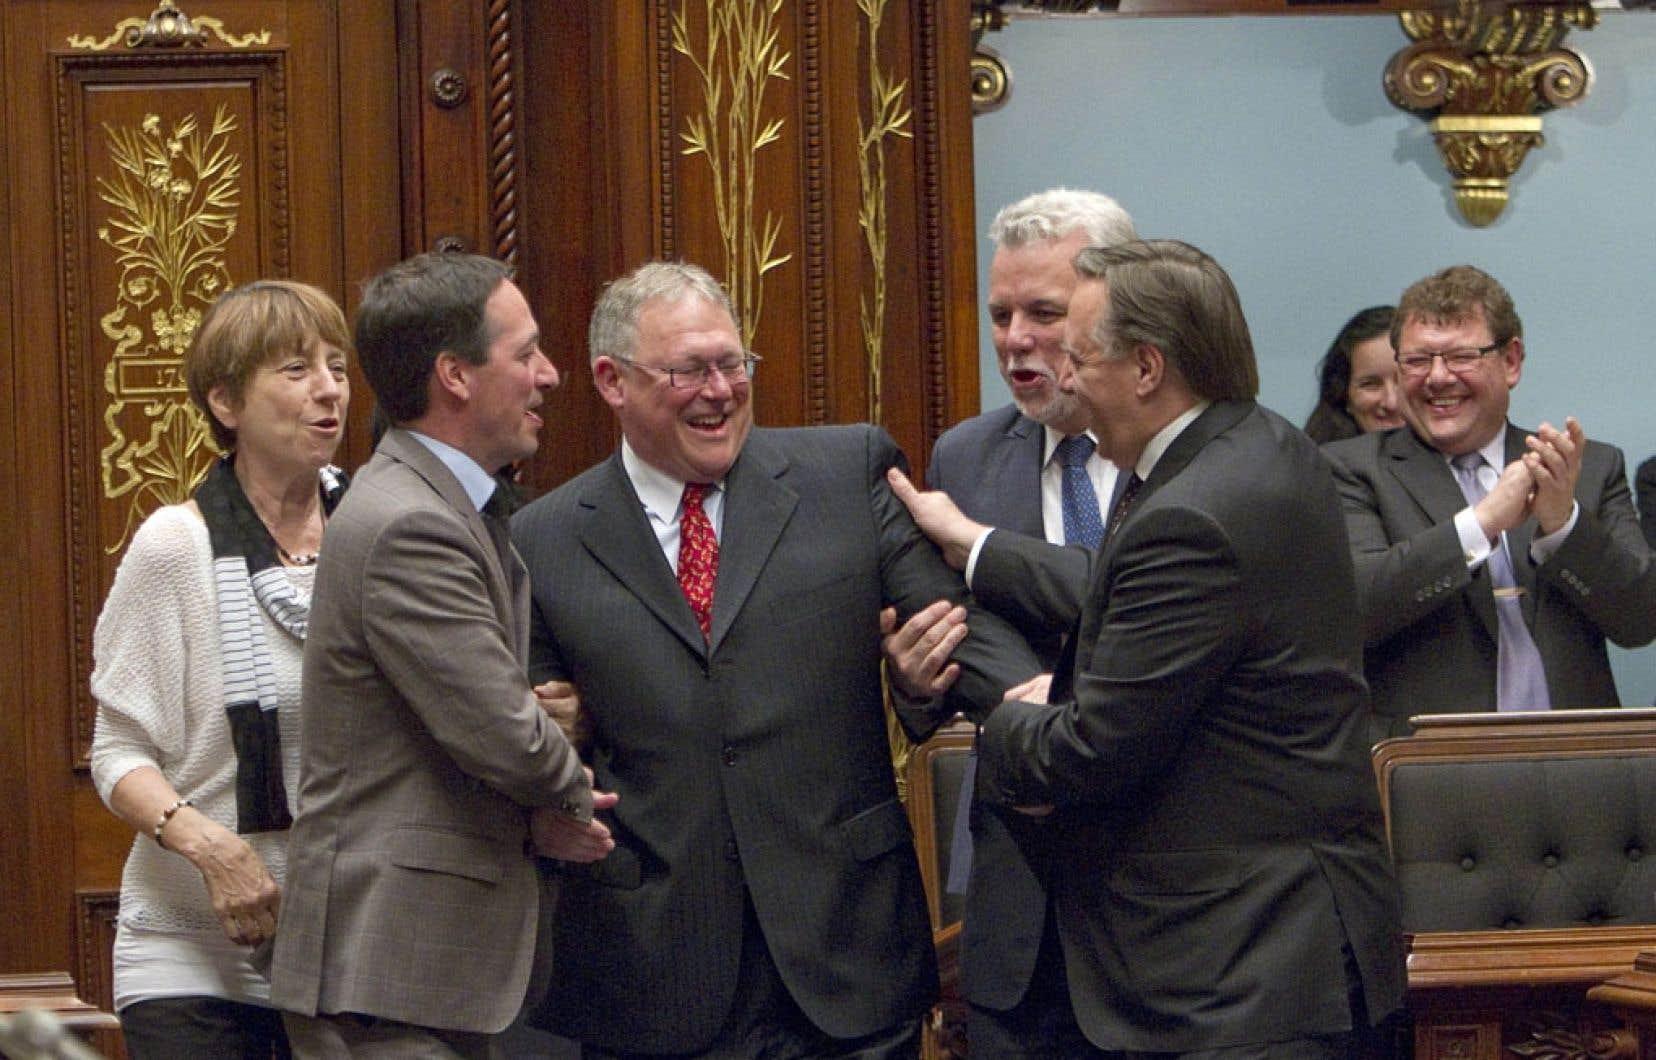 Jacques Chagnon (au centre) a été élu président de l'Assemblée nationale pour un troisième mandat lors de la rentrée parlementaire, mardi. Il est félicité par Françoise David (QS), Stéphane Bédard (PQ), Philippe Couillard (PLQ) et François Legault (CAQ).